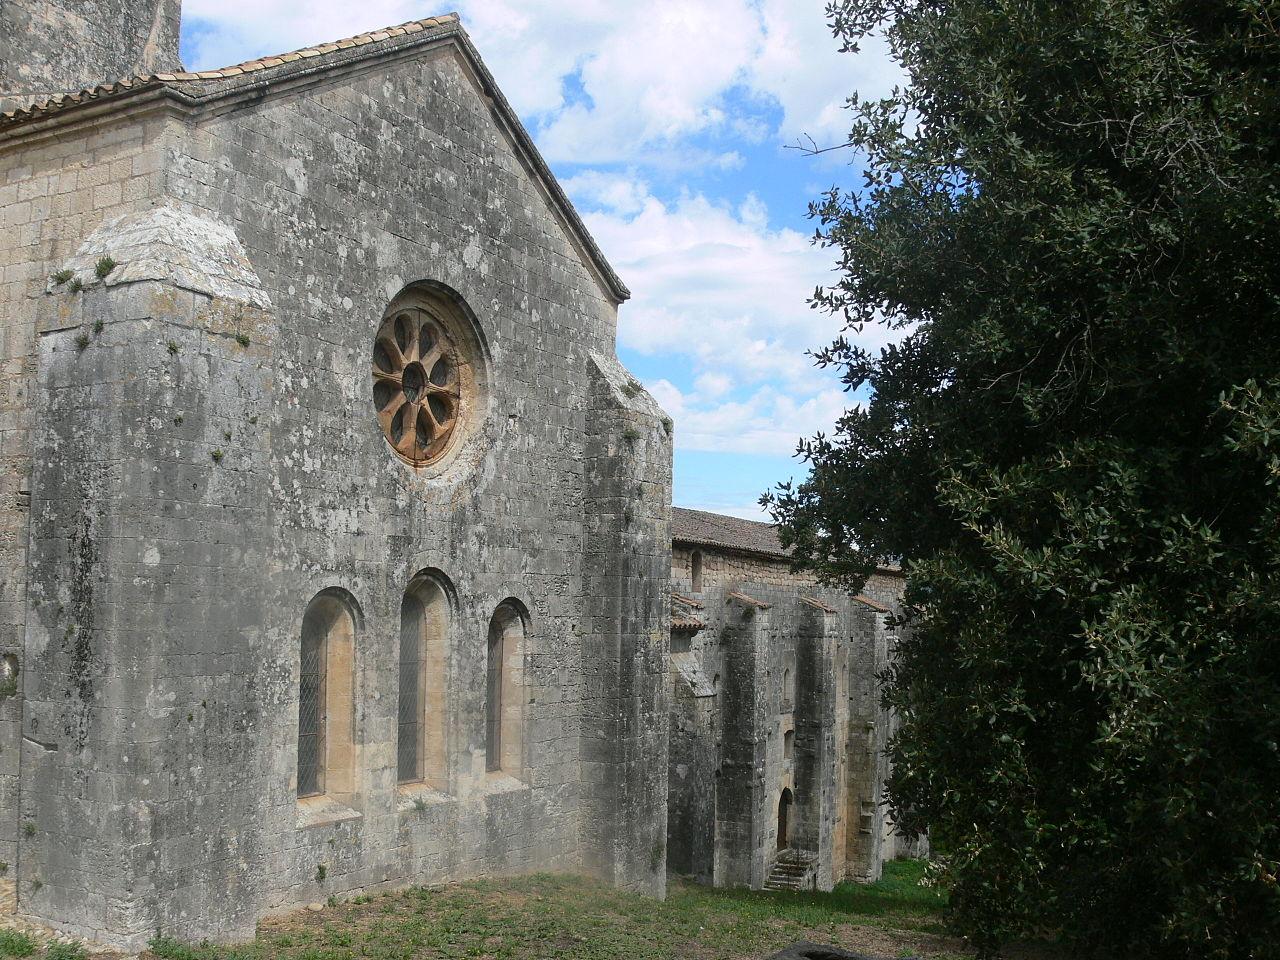 Аббатство Сенанк, цистерцианское аббатство в Провансе